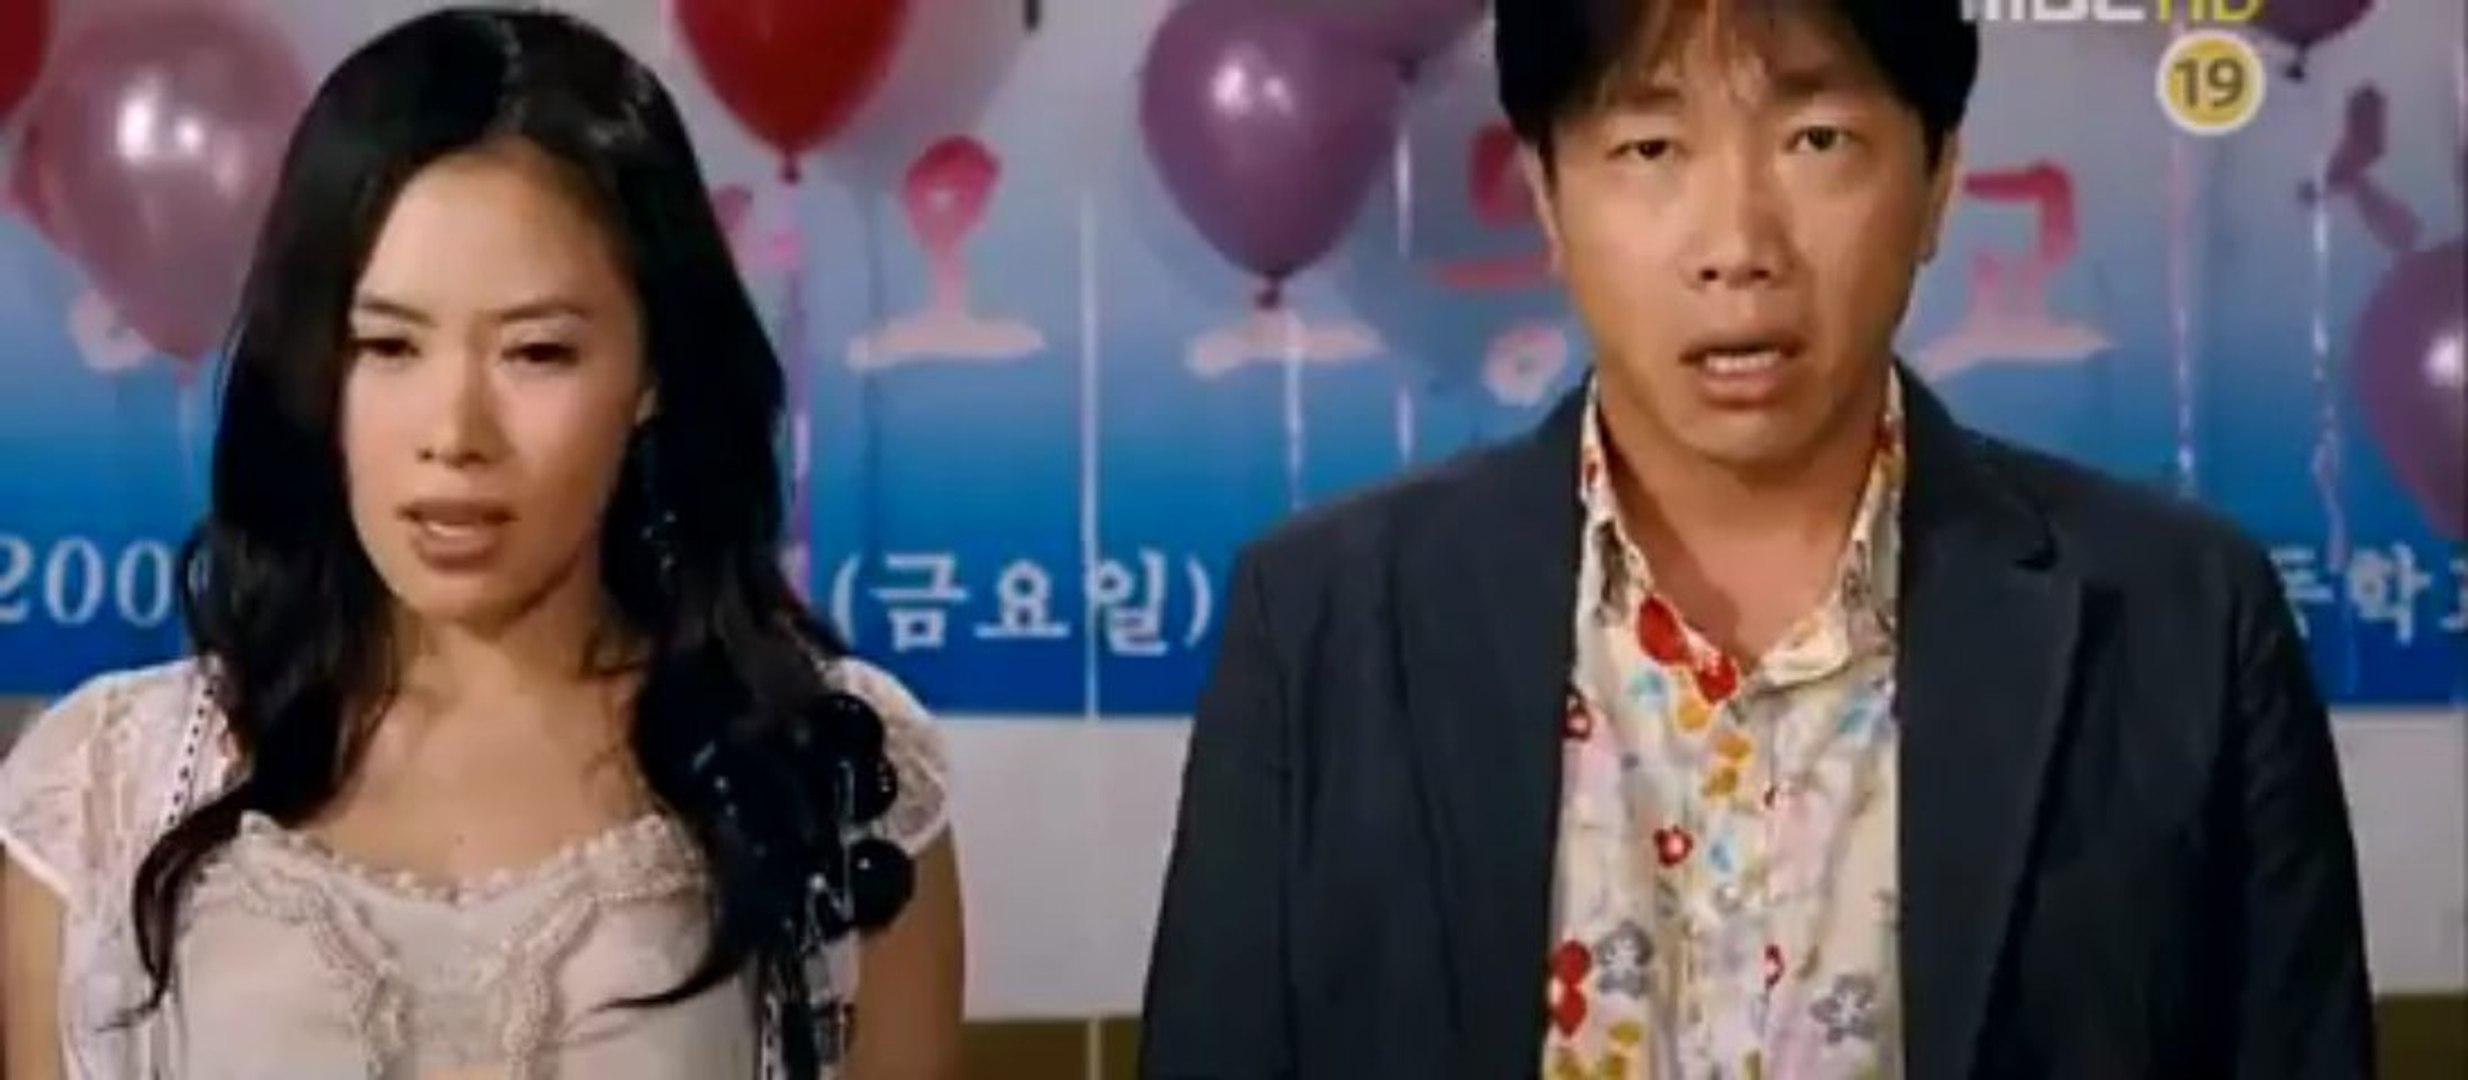 Ai Đã Ngủ Với Cô Giáo-- Tập 5 - Phim Who Slept With Her-- - Hot For Teacher Episode 5 - Tập 5End - S